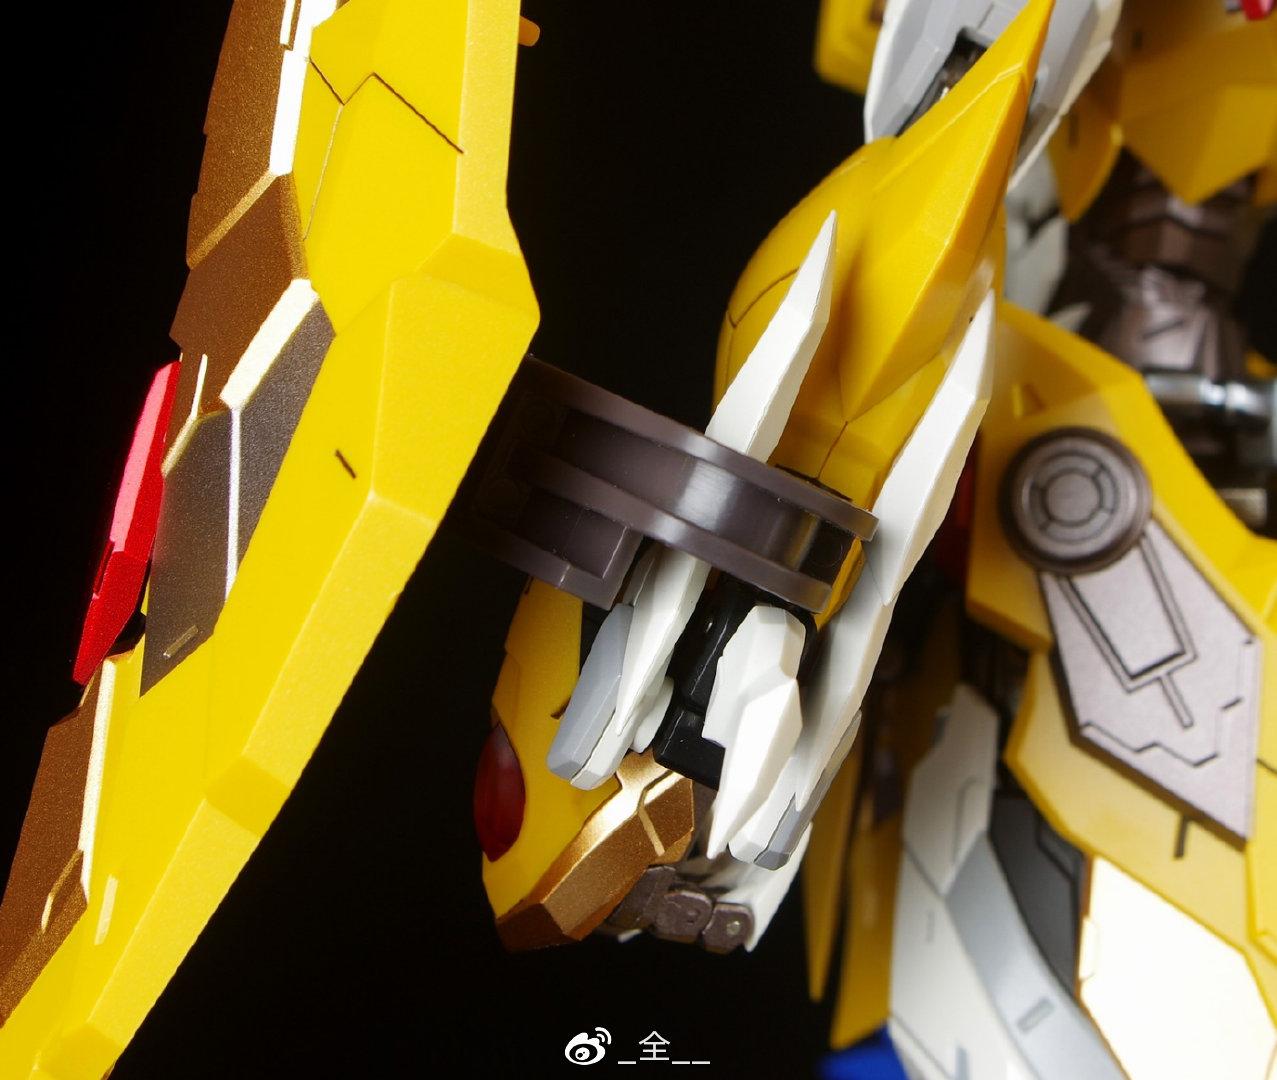 S317_MNQ_01_baiqi_review_083.jpg